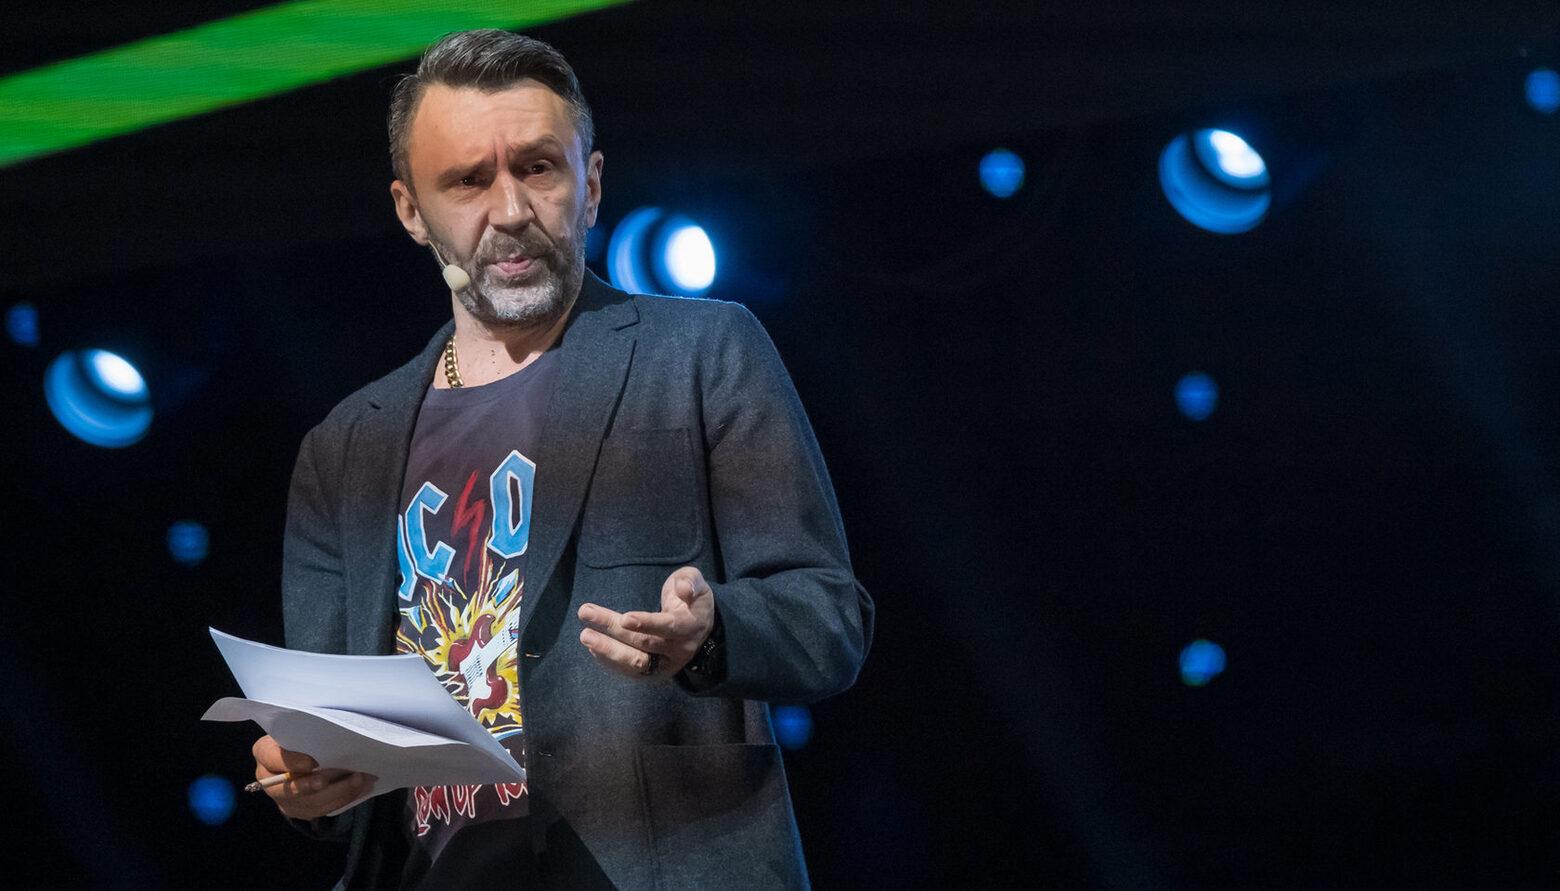 Сергей Шнуров ушел в наём и стал генпродюсером канала RTVI